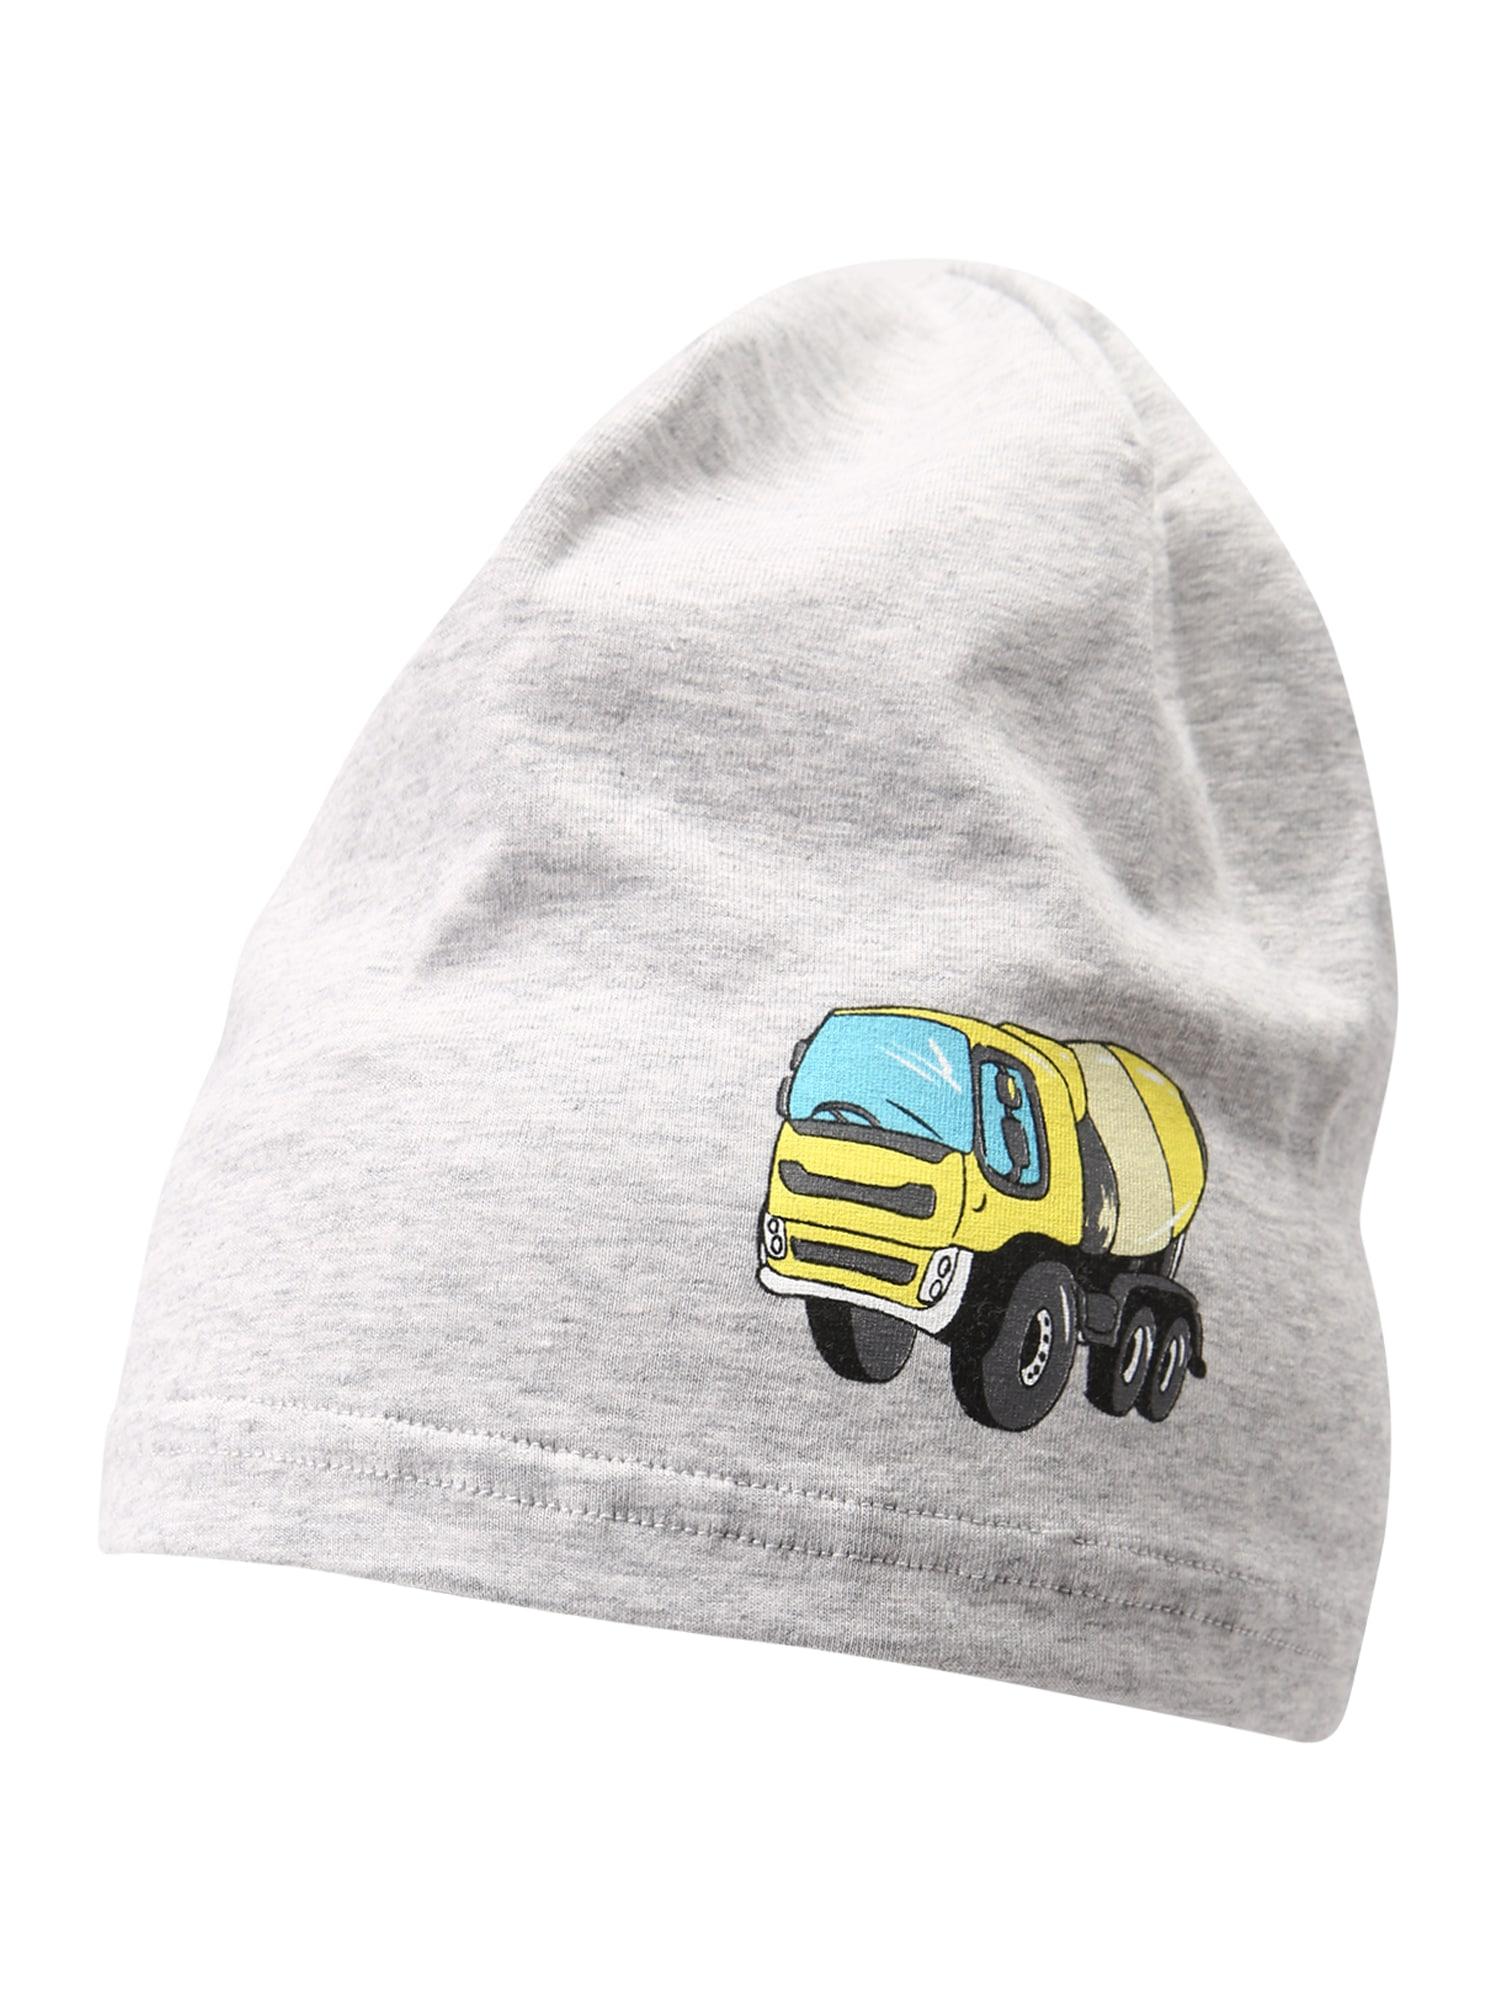 DÖLL Megzta kepurė šviesiai pilka / geltona / turkio spalva / juoda